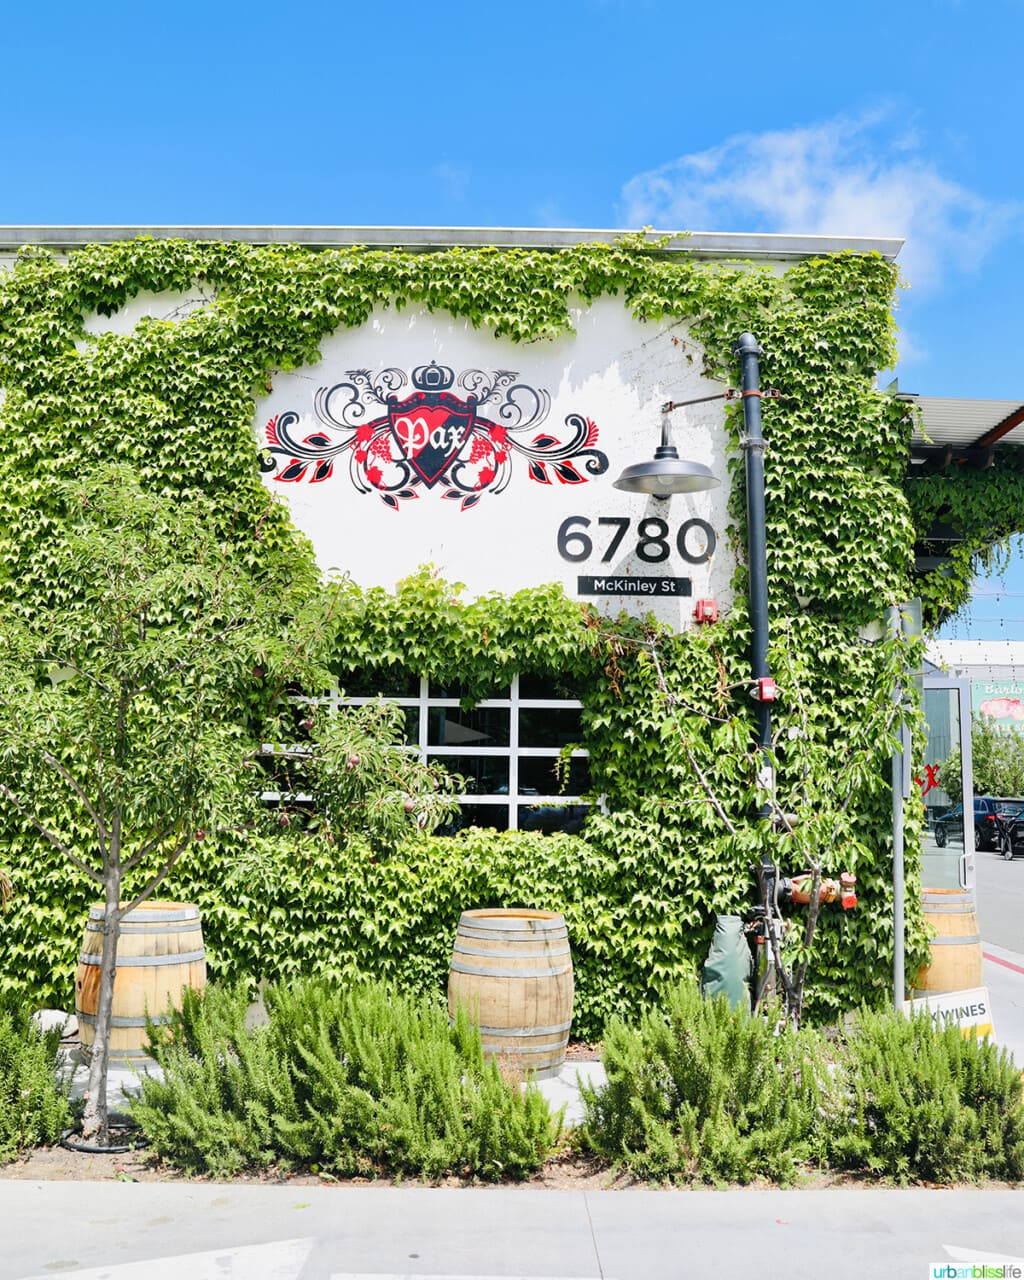 Pax wine bar exterior at the Barlow in Sebastopol